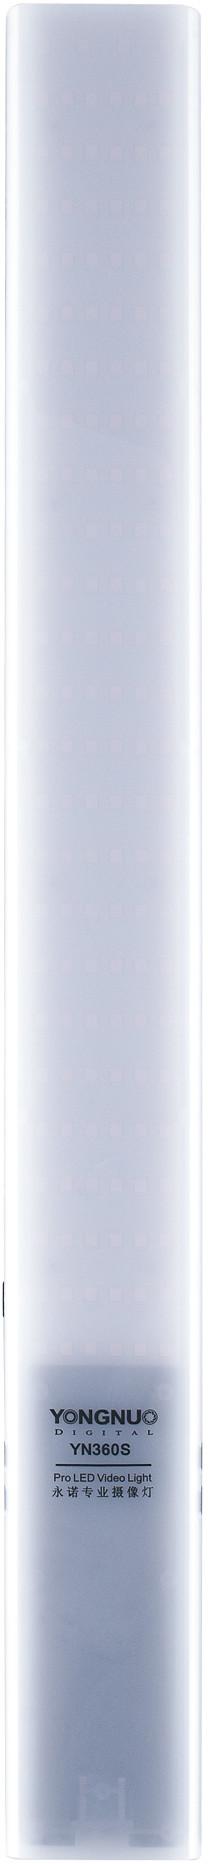 YONGNUO Lampa LED YN360S WB 3200 K 5500 K)